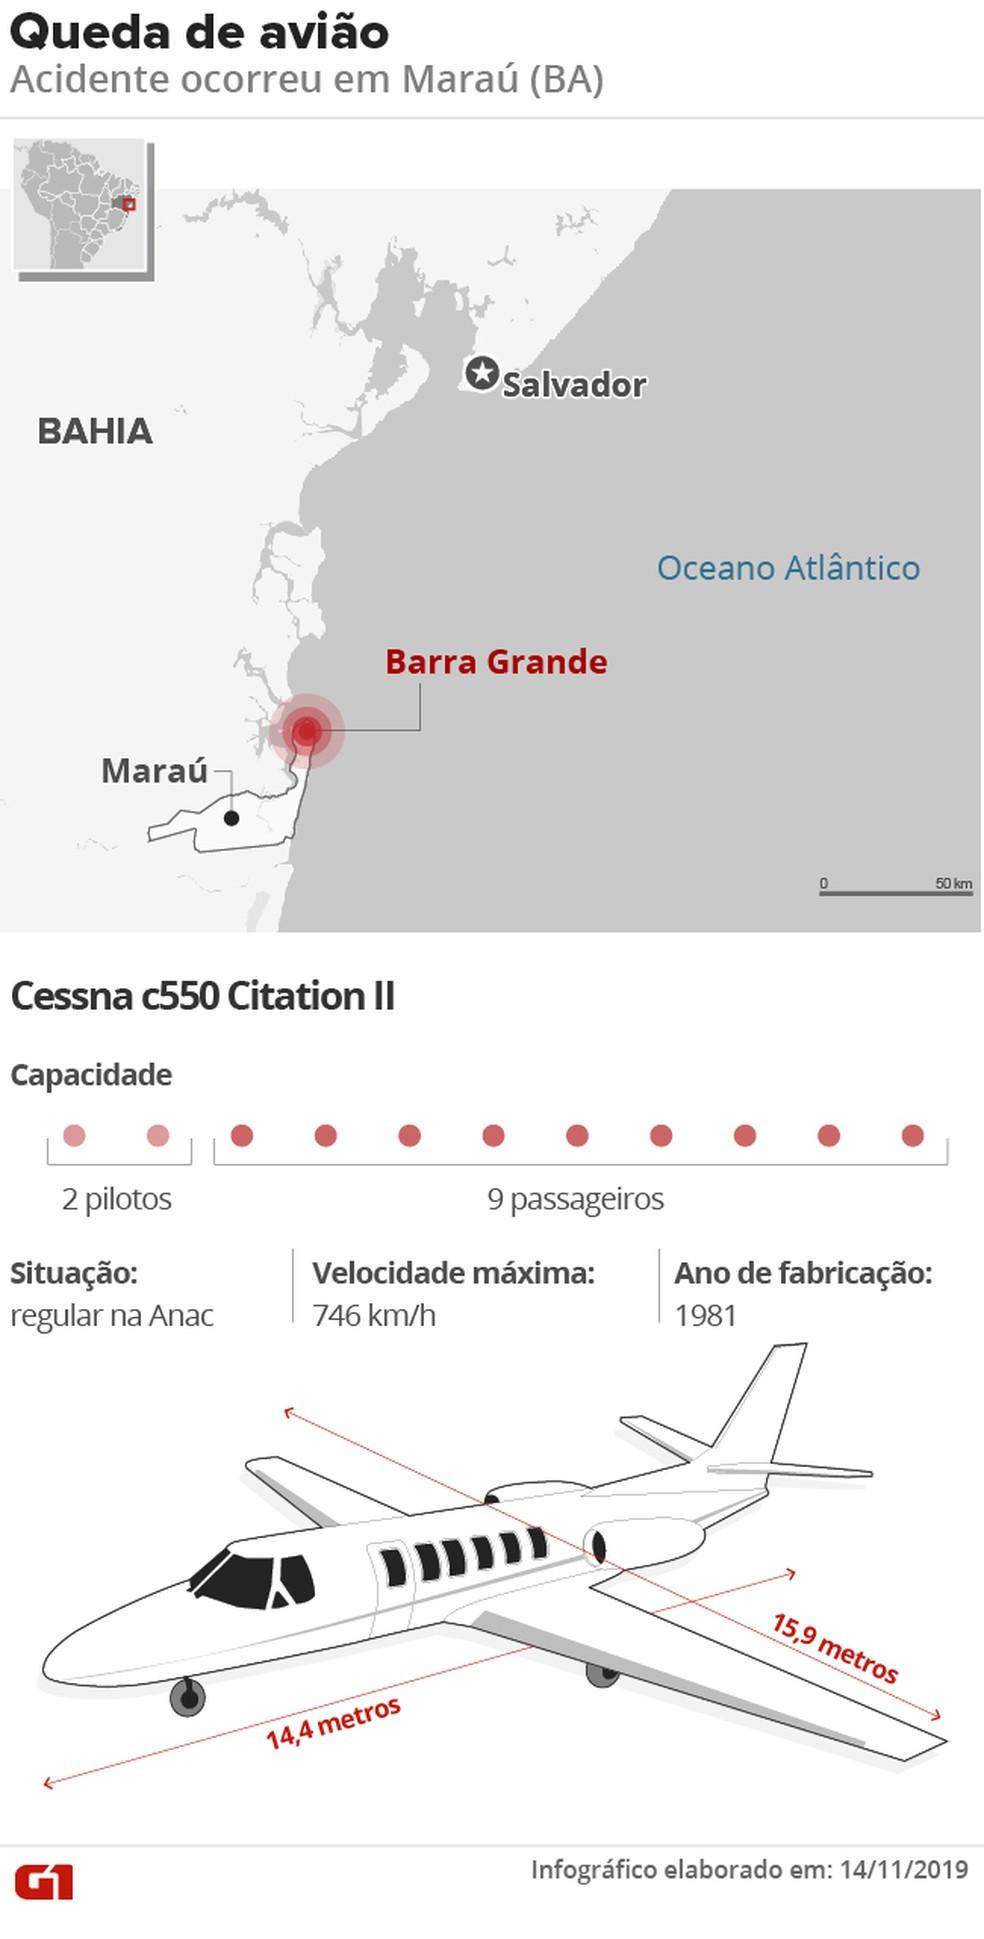 Bimotor caiu em Barra Grande, distrito do município de Maraú, na BA — Foto: Arte/G1